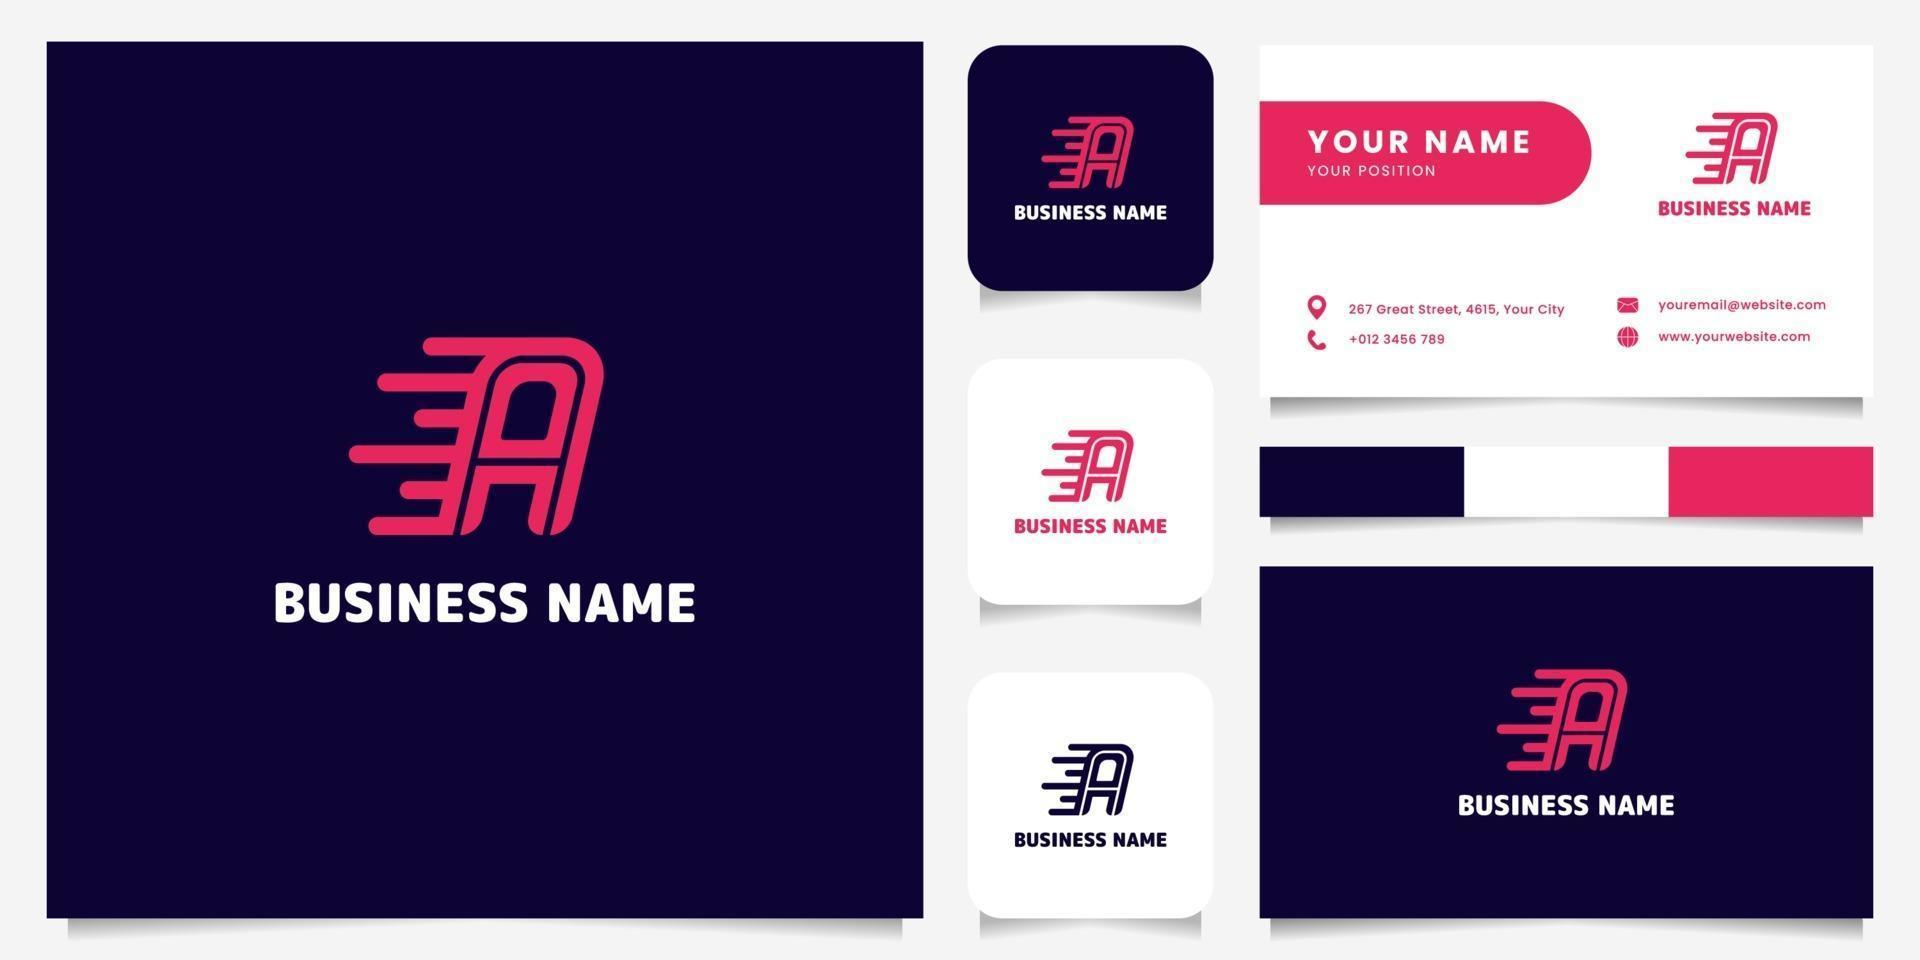 lettre rose vif simple et minimaliste un logo de vitesse en fond sombre logo avec modèle de carte de visite vecteur